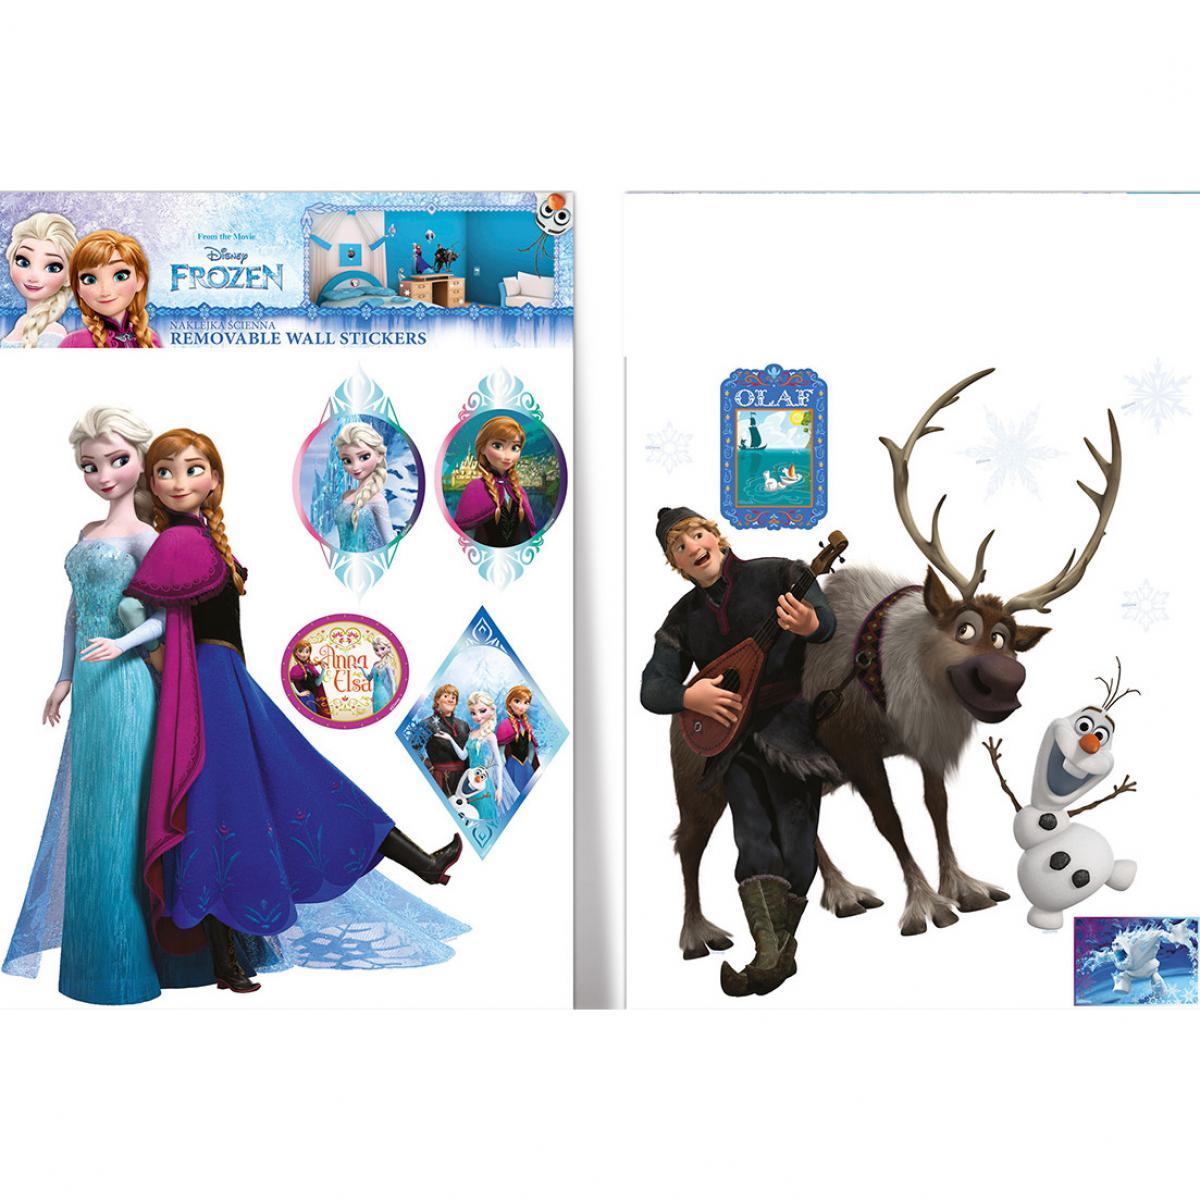 Imagicom 13 Stickers La Reine des Neiges Frozen Disney